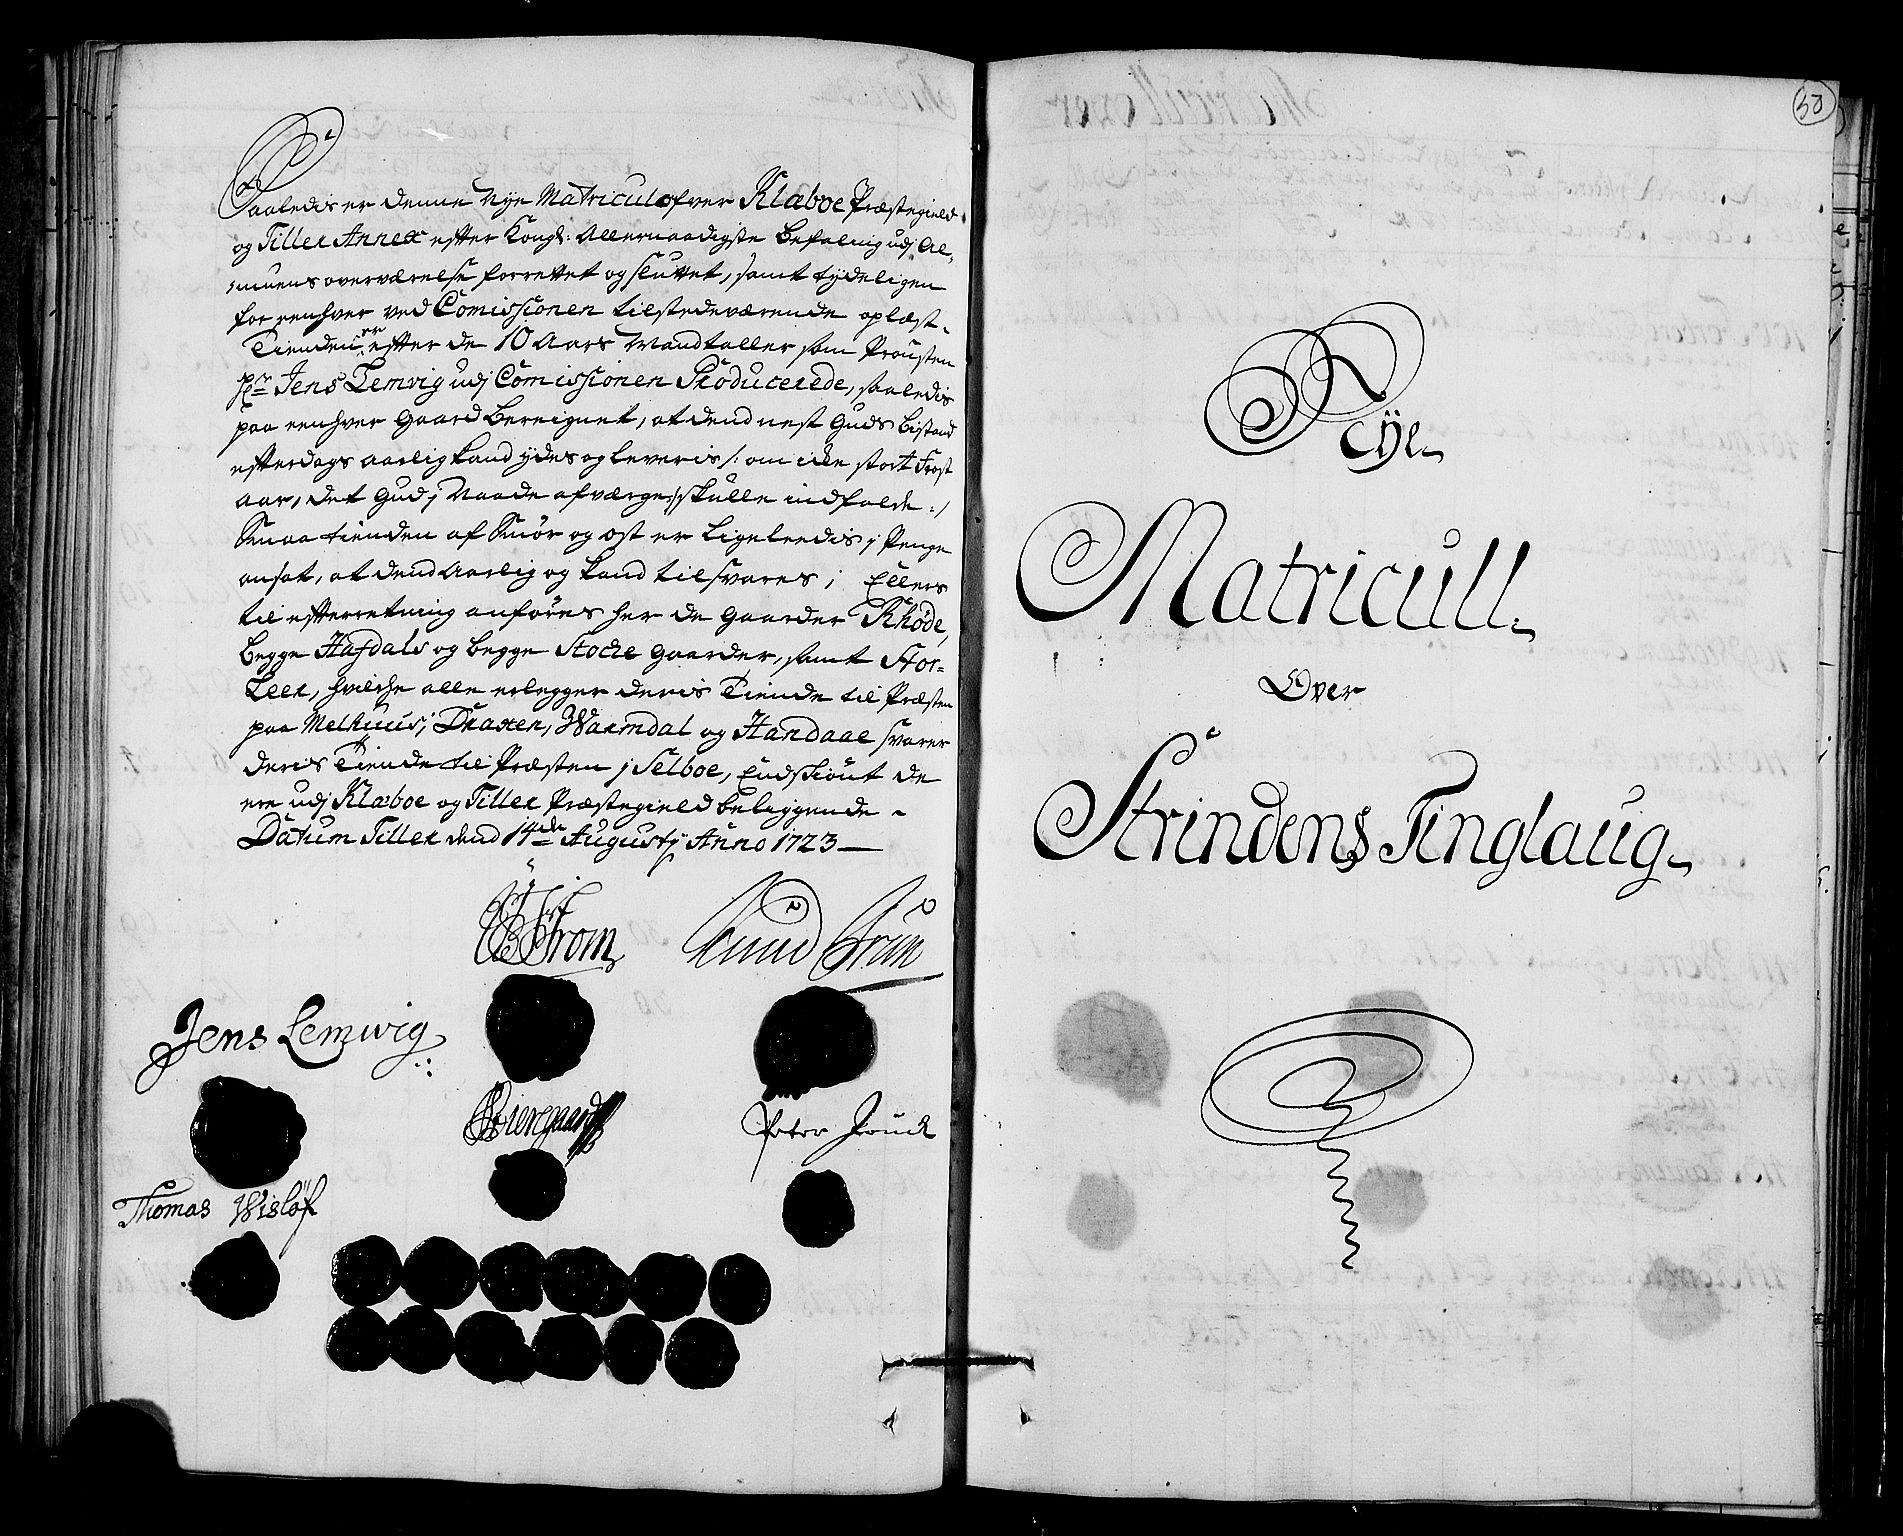 RA, Rentekammeret inntil 1814, Realistisk ordnet avdeling, N/Nb/Nbf/L0161: Strinda og Selbu matrikkelprotokoll, 1723, s. 49b-50a